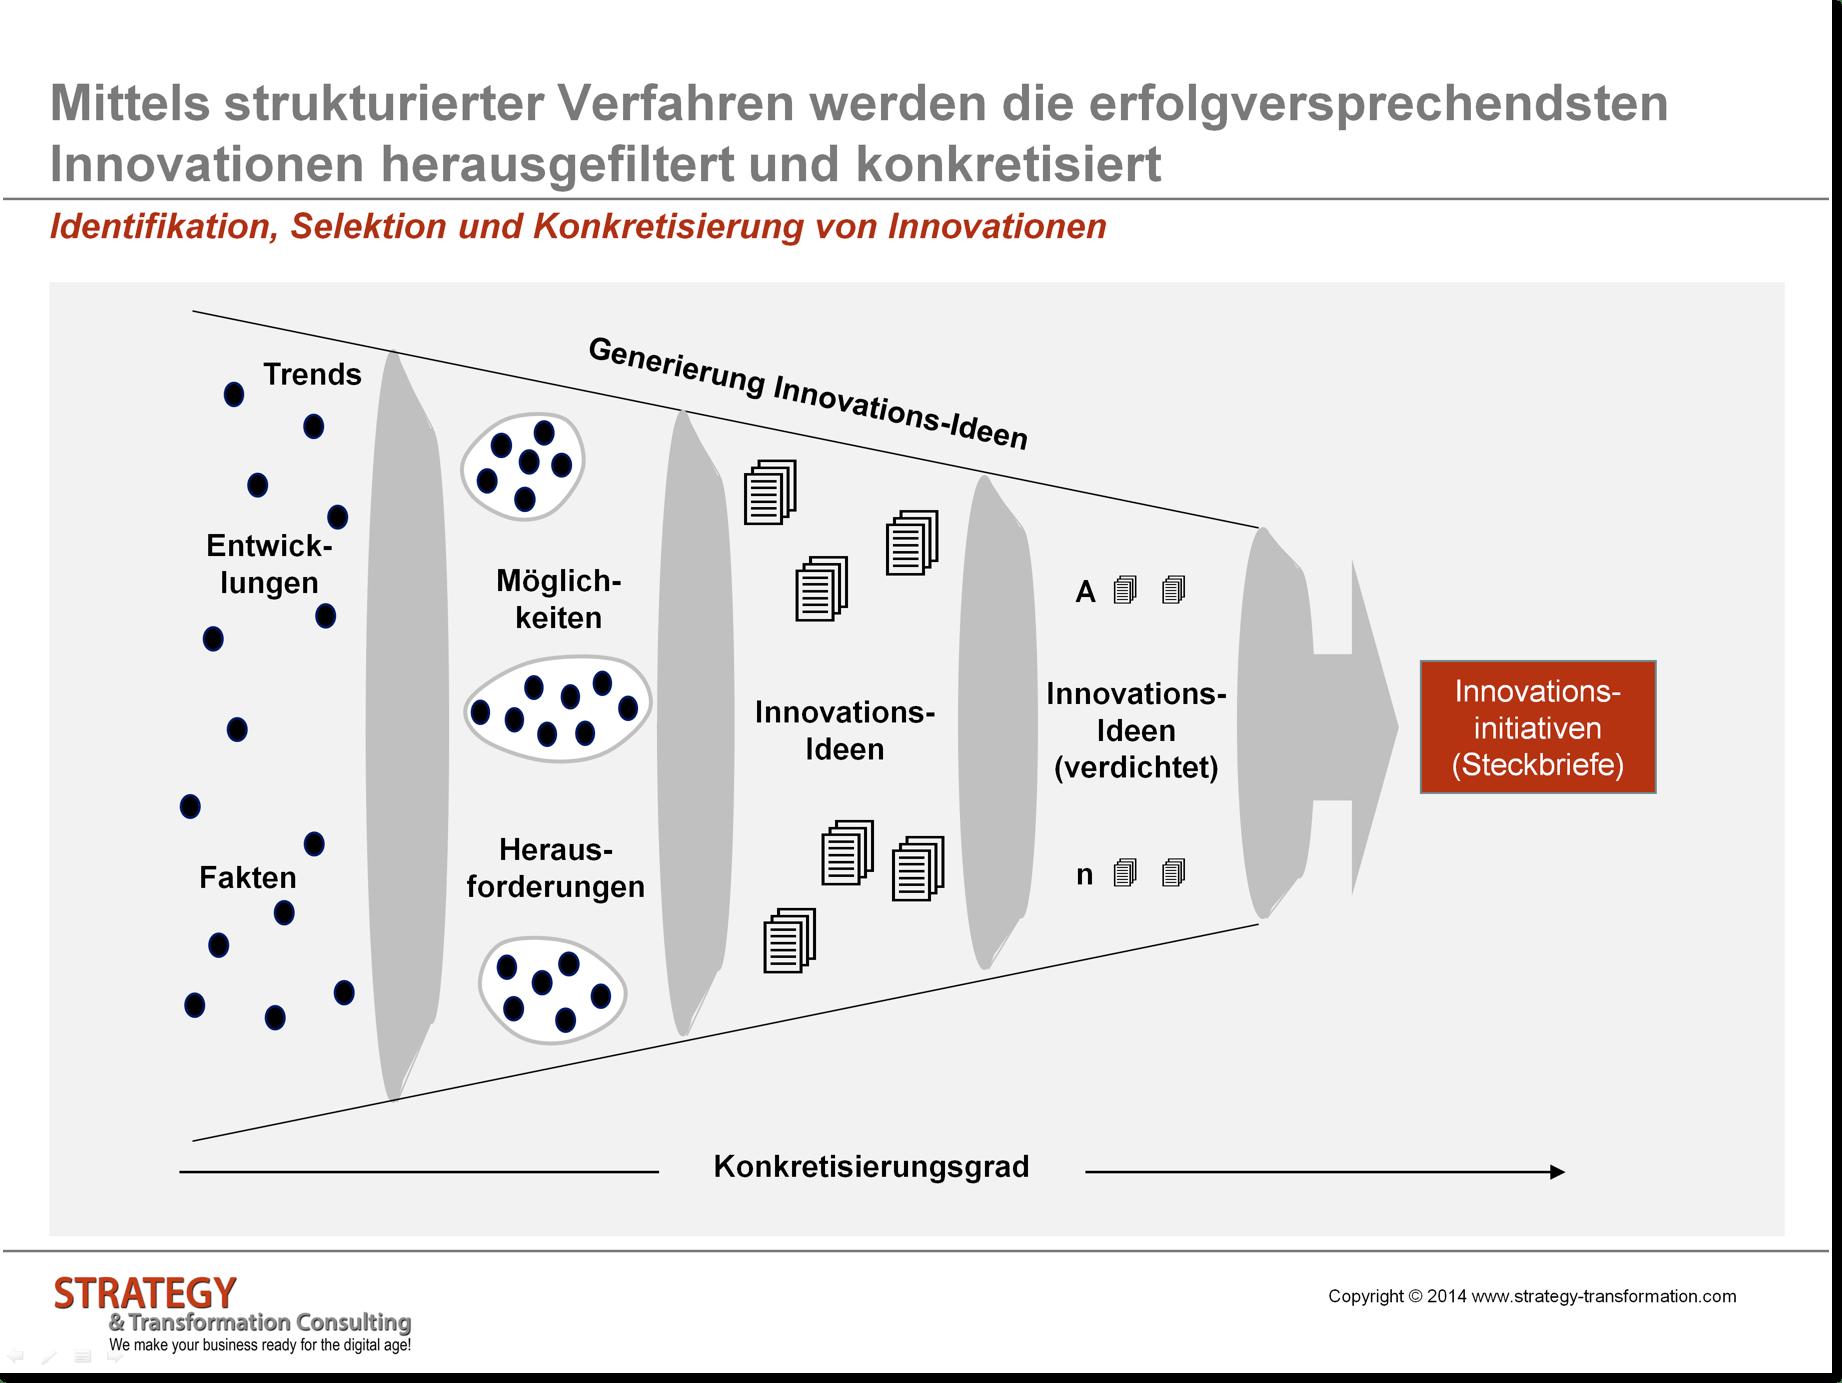 Identifikation von Innovationen